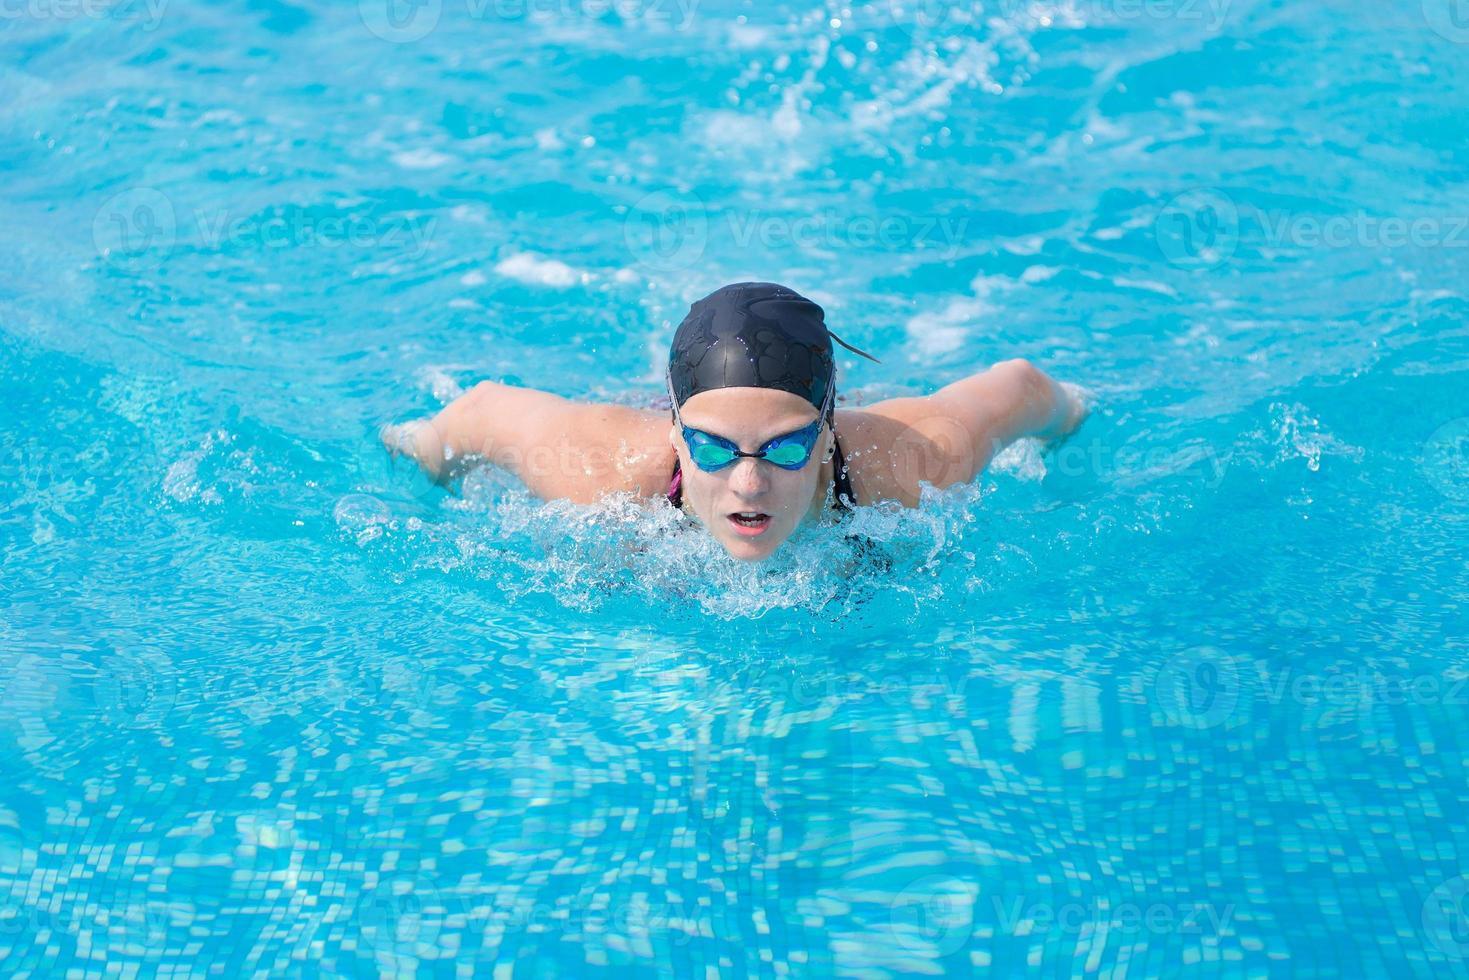 jovem nadando estilo de traçado de borboleta foto